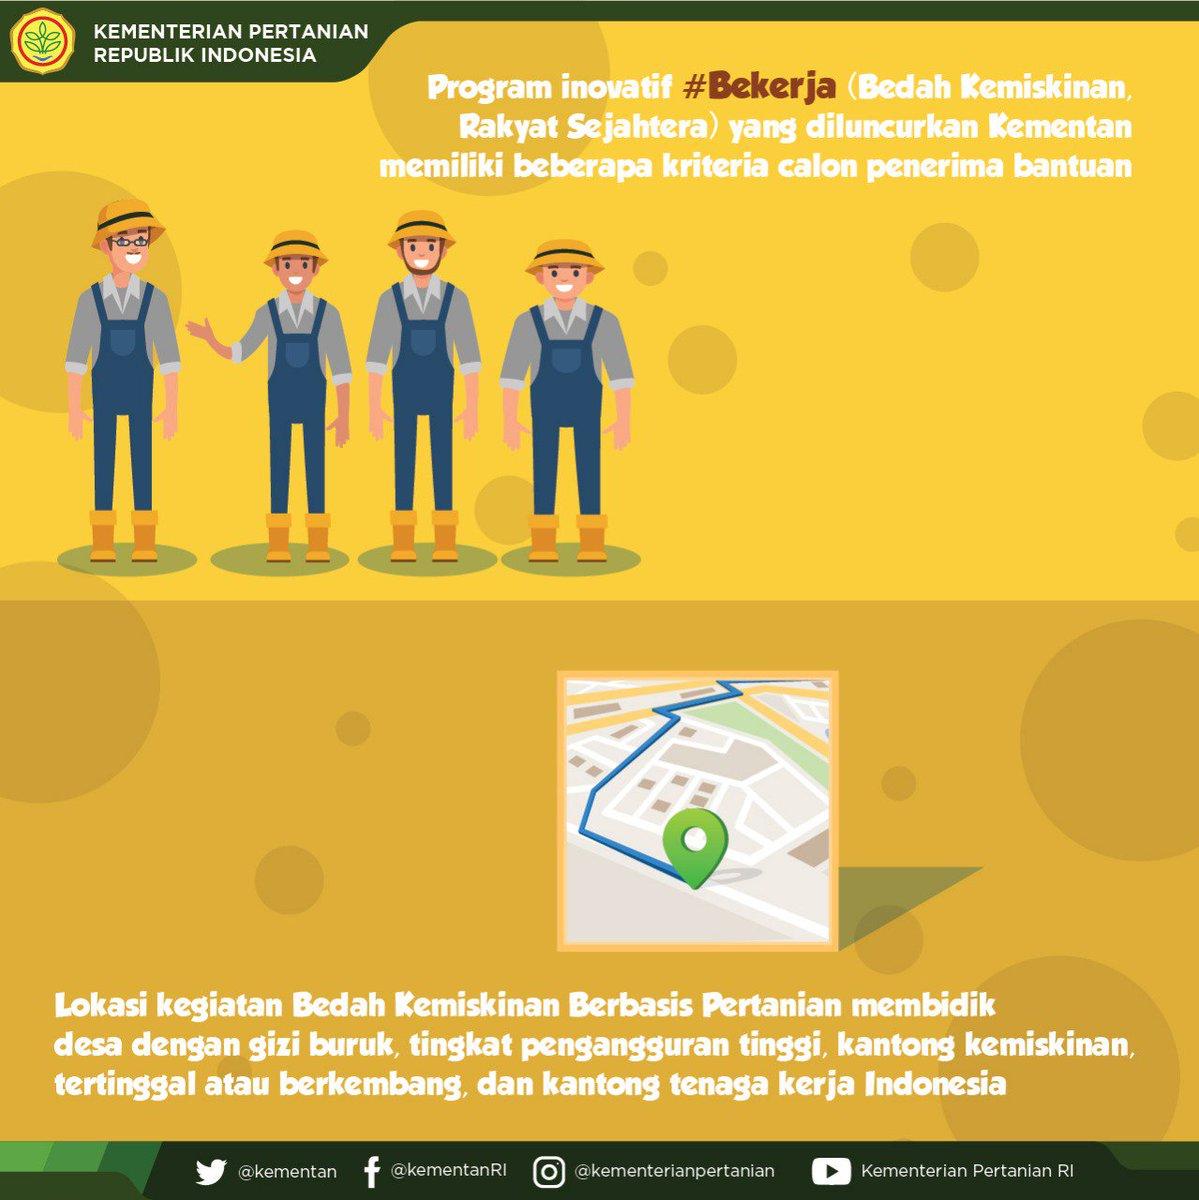 Kementerian Pertanian Ri On Twitter Bekerja Atau Bedah Kemiskinan